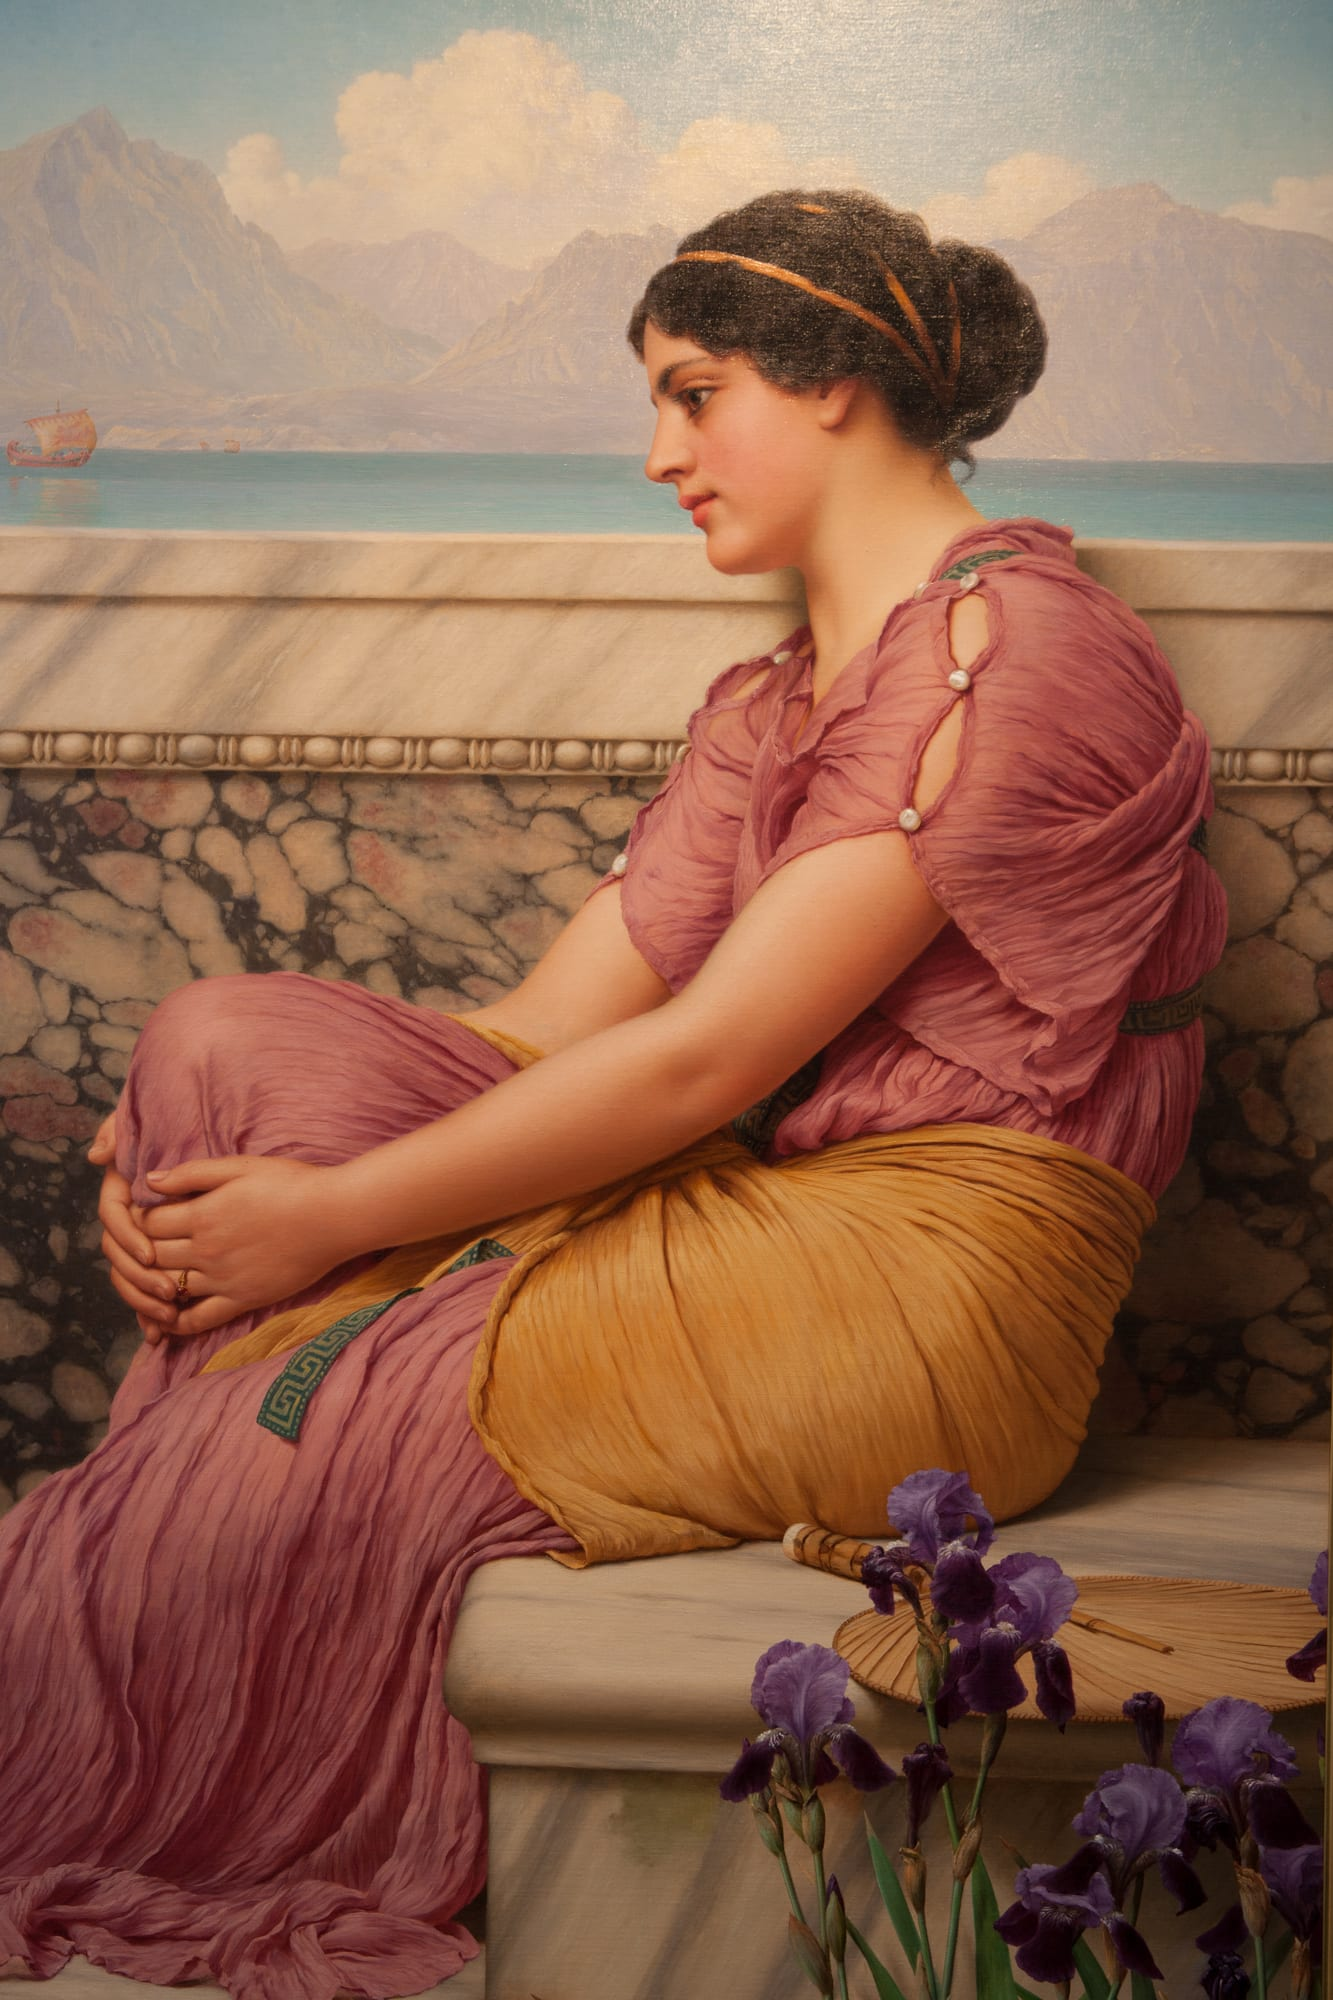 Alma-Tadema e i pittori dell'800 inglese. La collezione Pérez Simòn in mostra a Roma